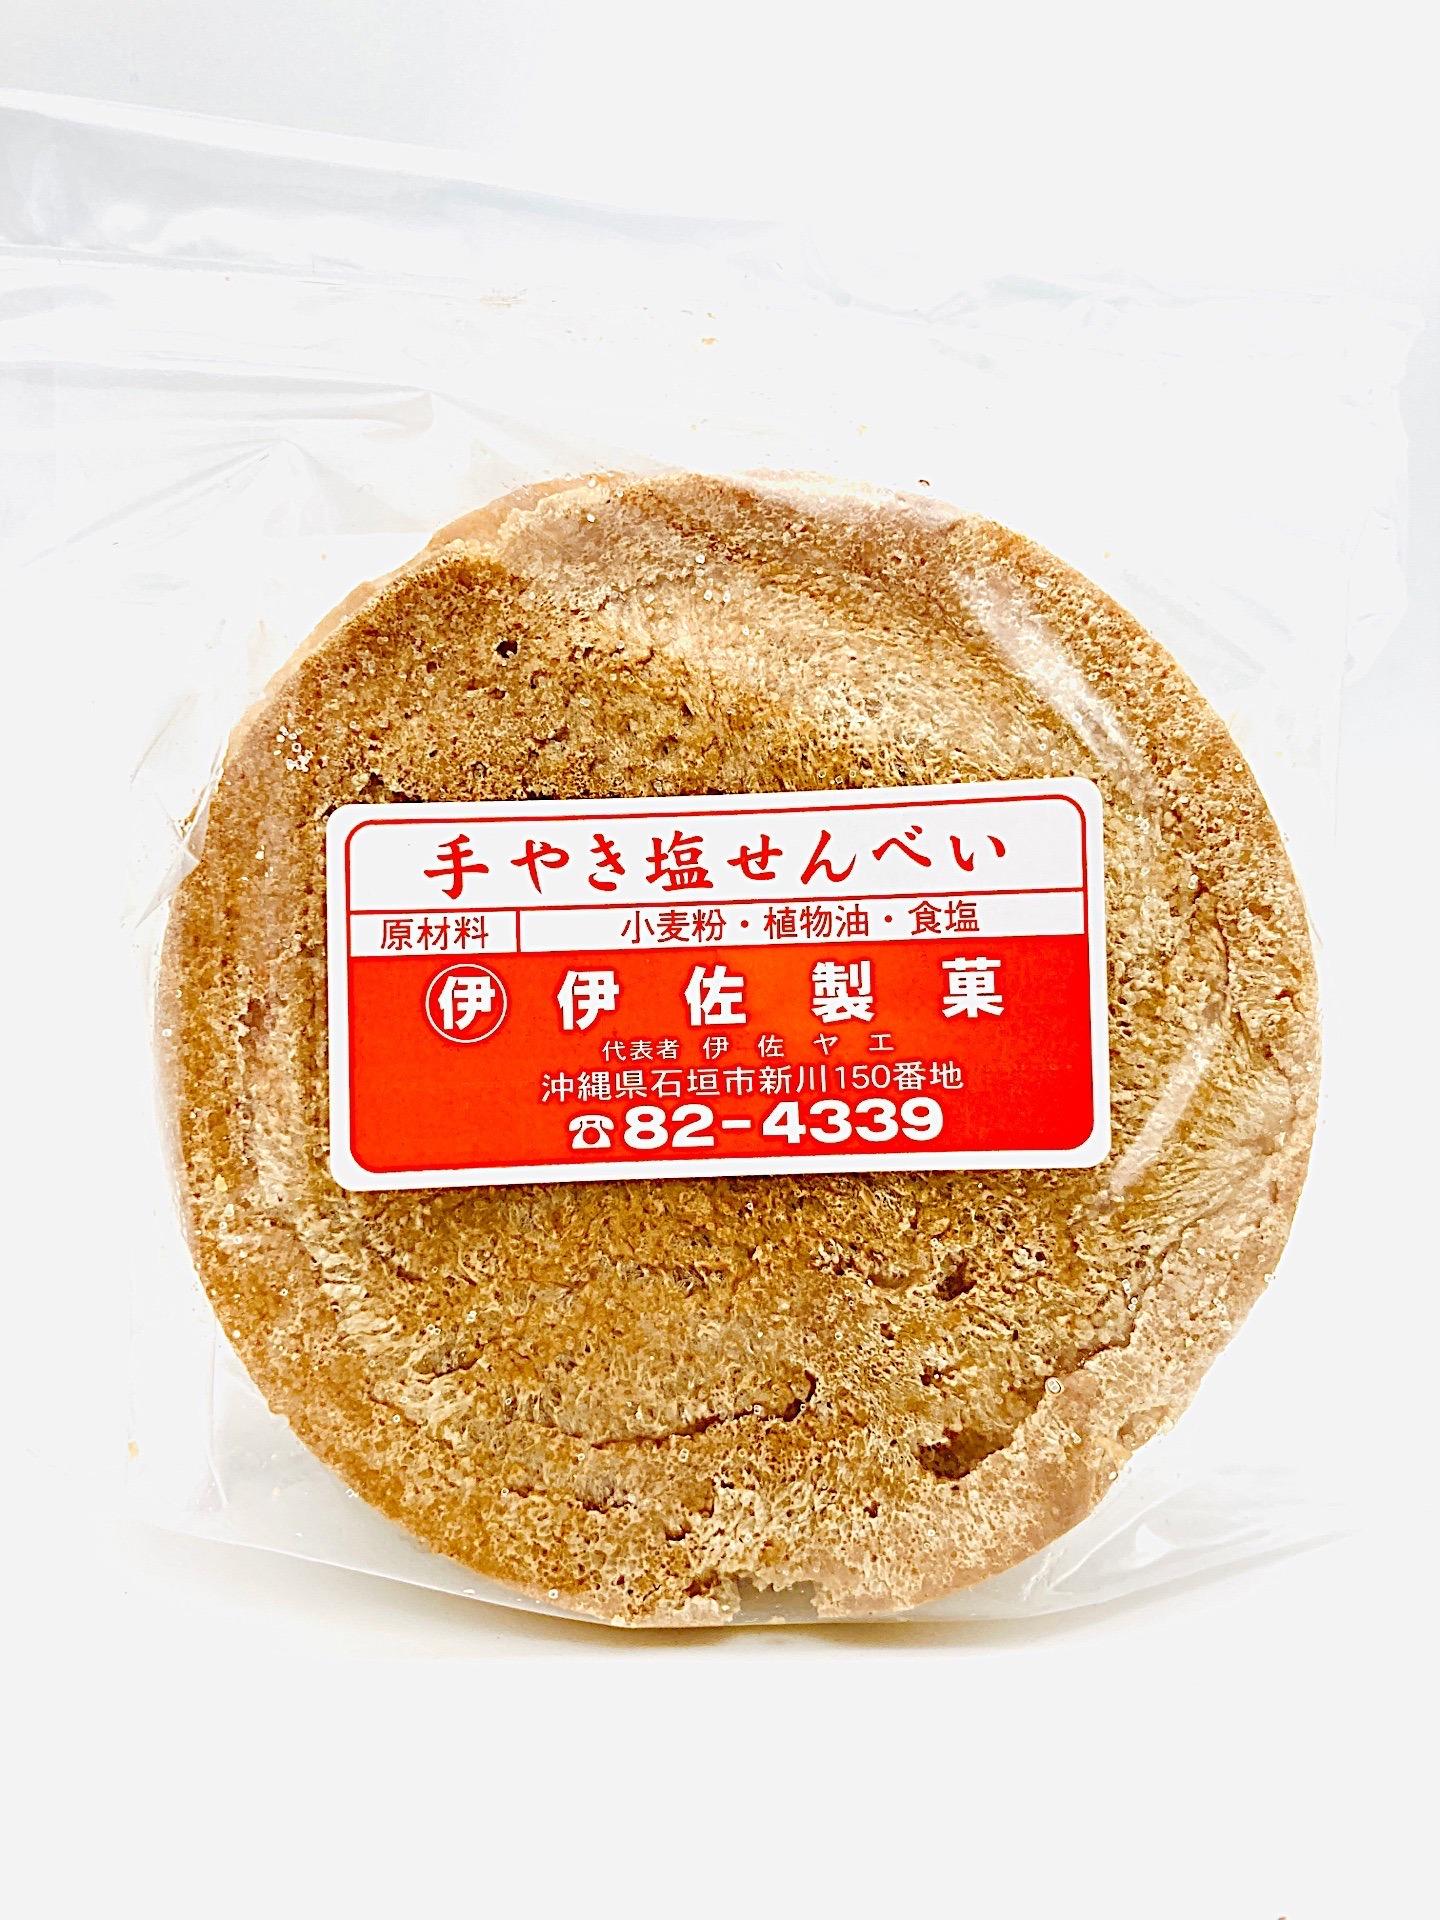 伊佐製菓 石垣島塩せんべい